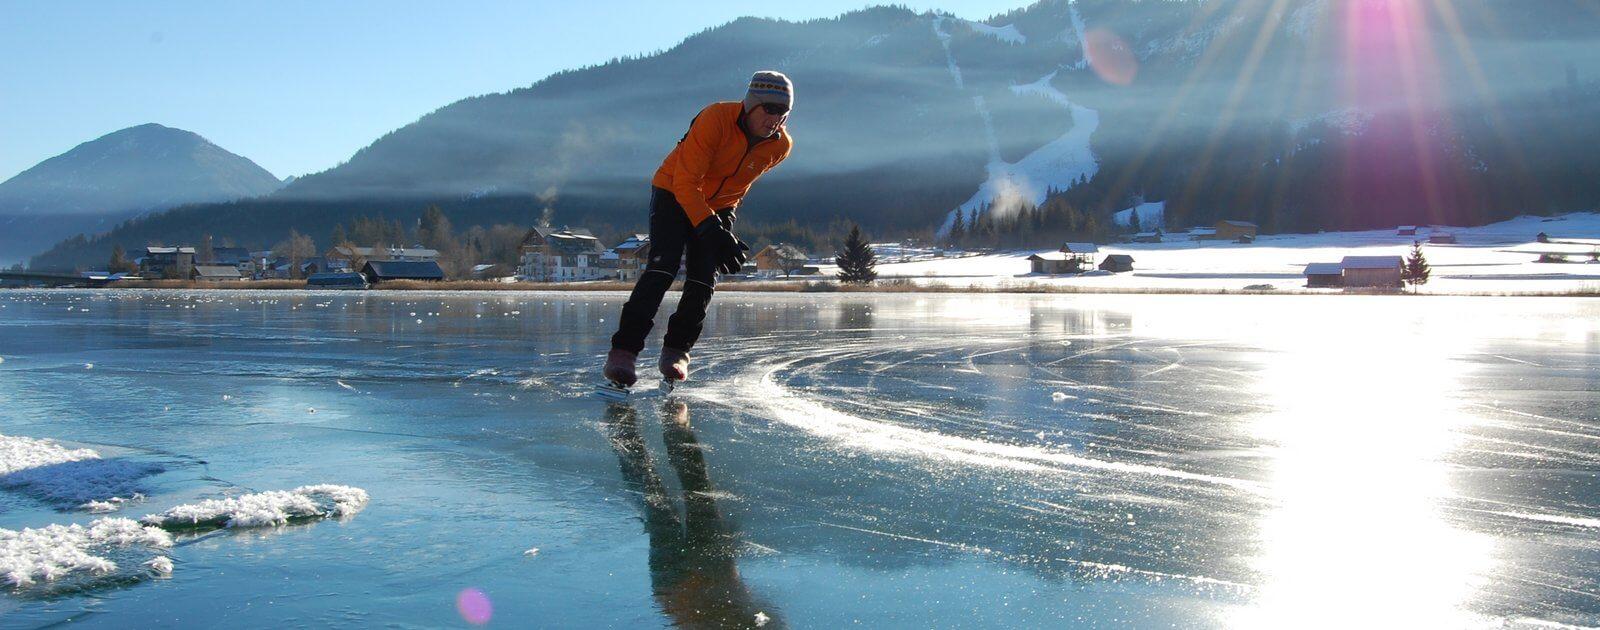 Pattinaggio sul lago ghiacciato Weissensee